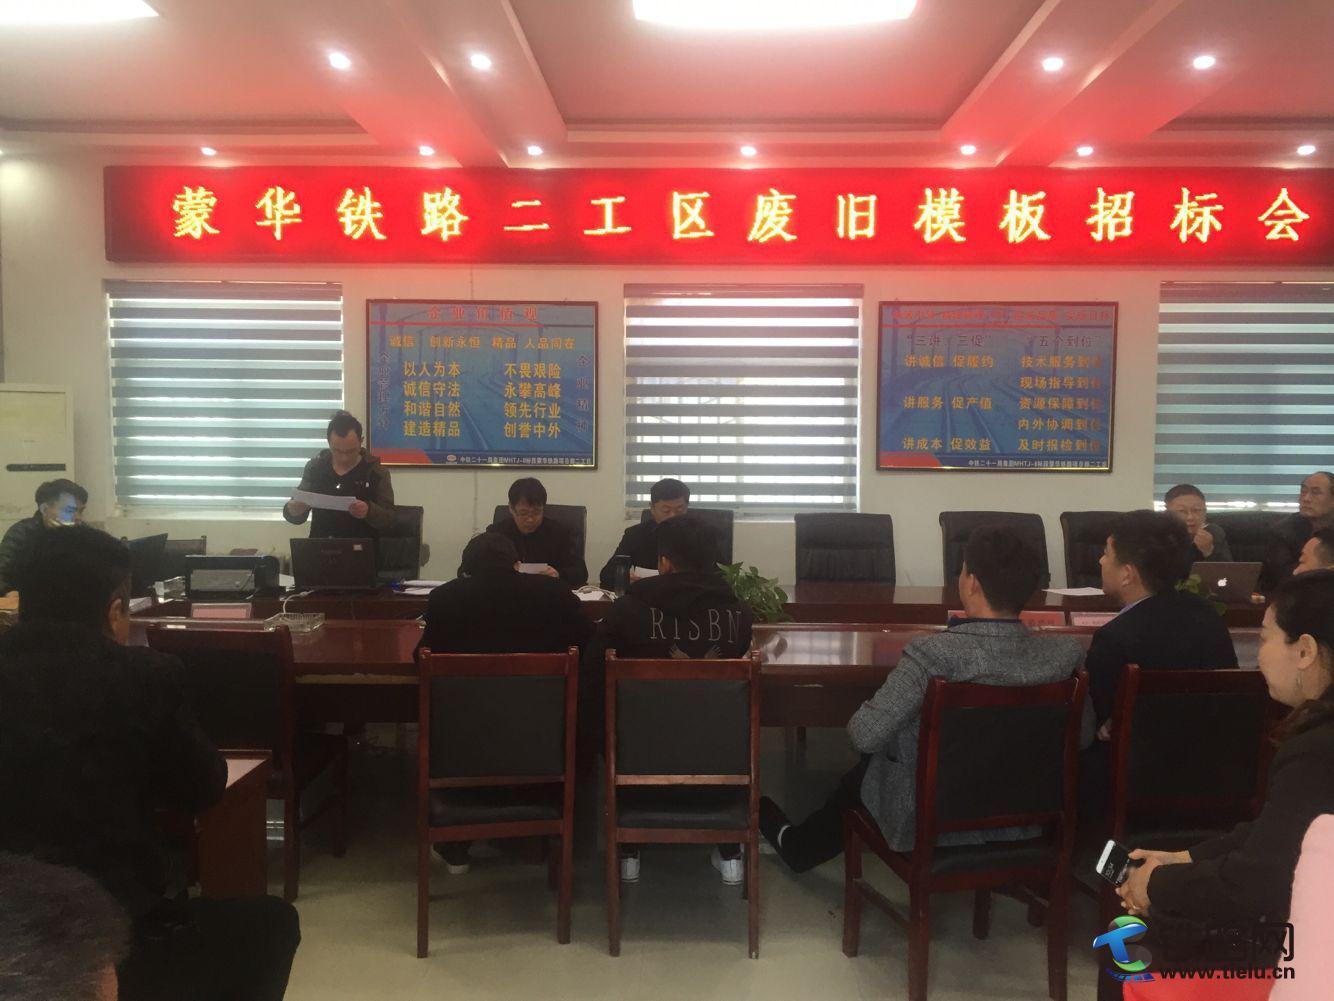 图为中铁二十一局三公司蒙华铁路二工区废旧模板招标会现场.jpg